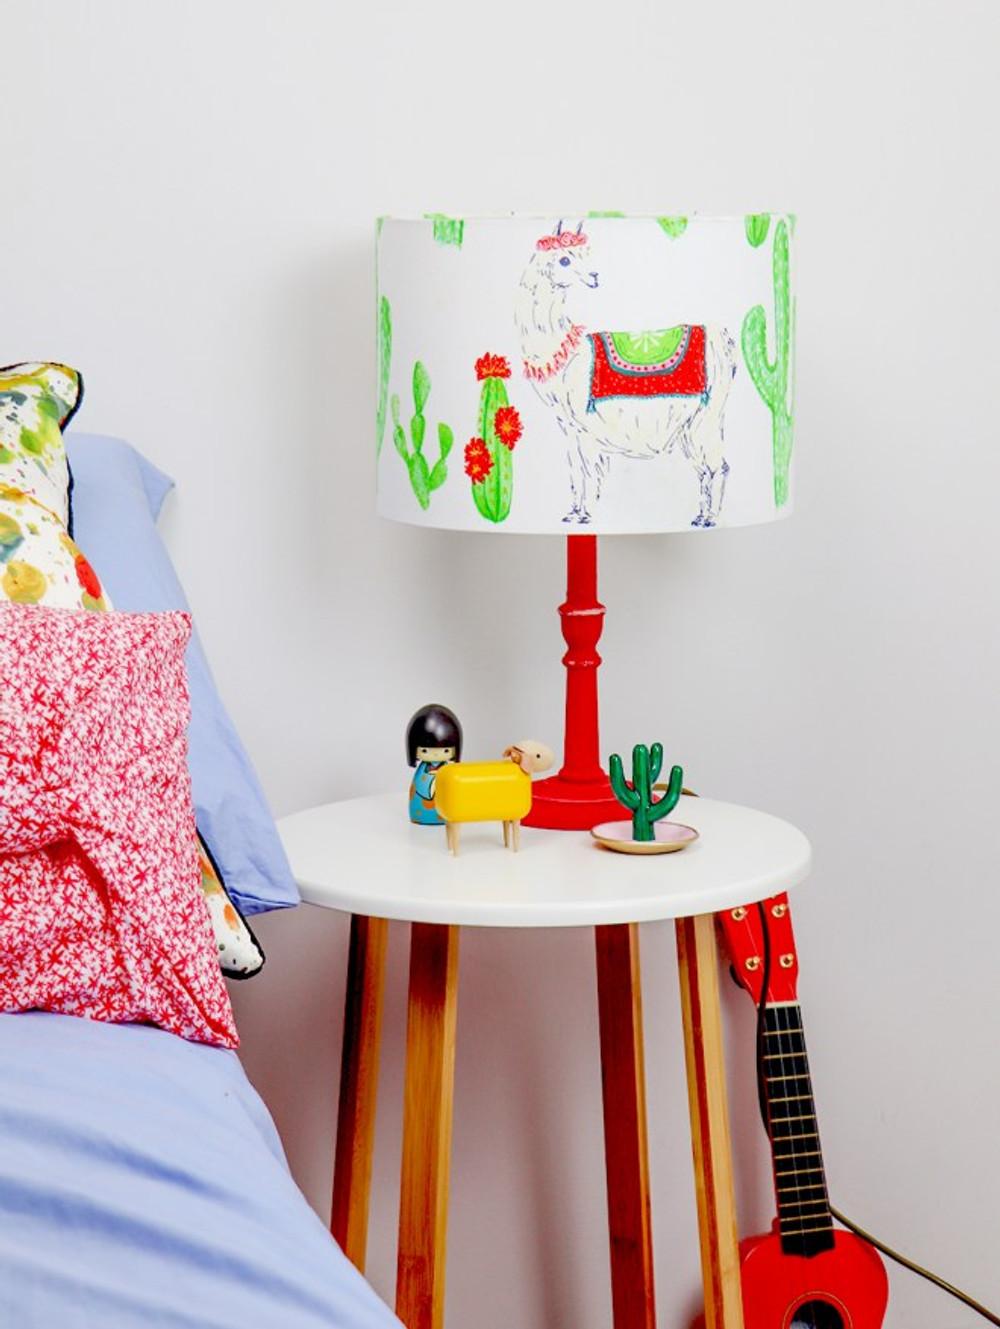 Kids bedroom. Bedside lamp on table